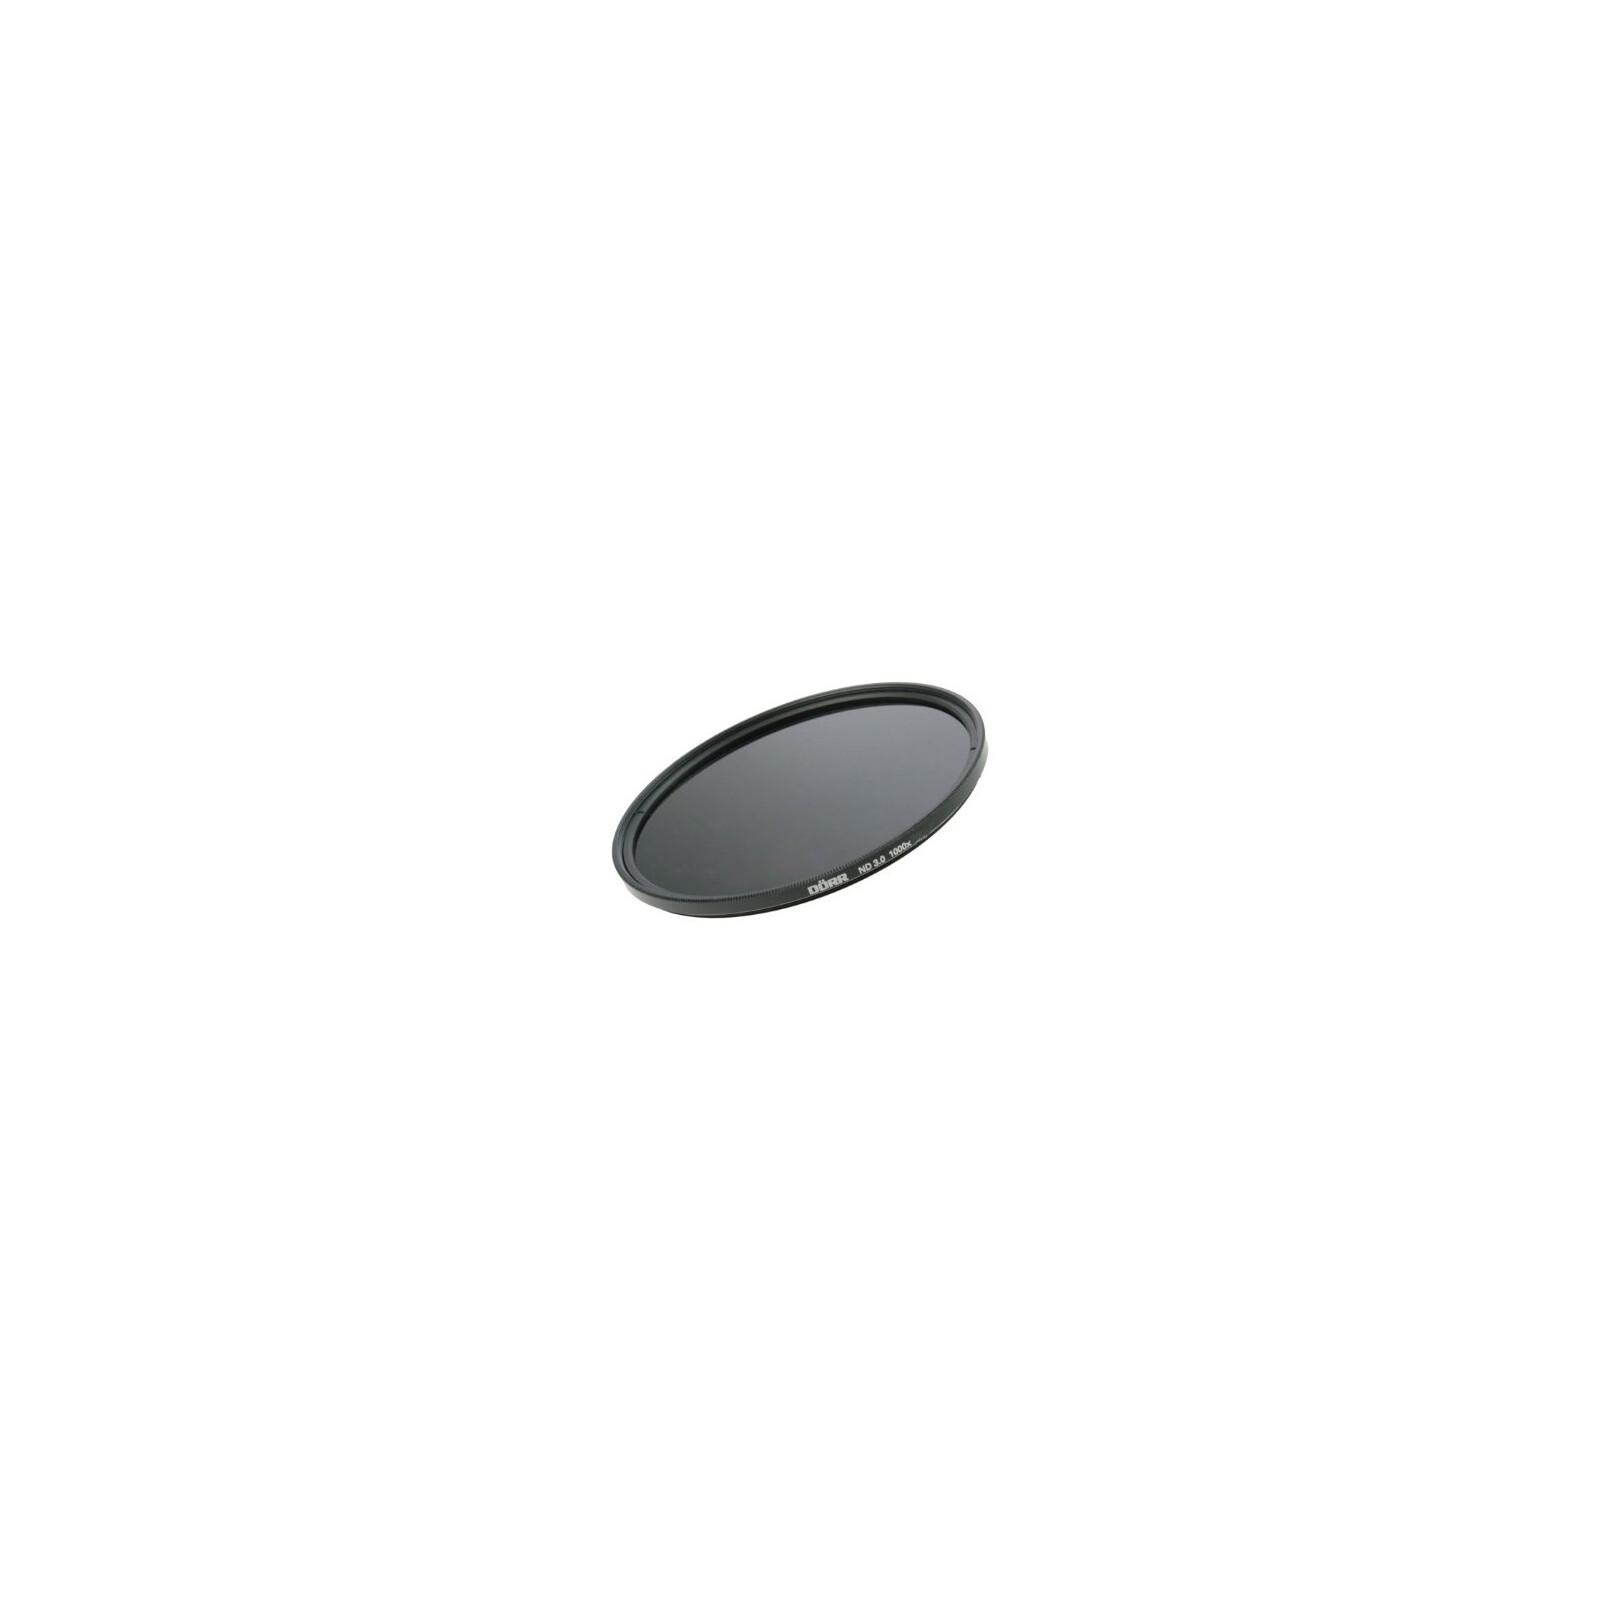 Dörr ND 3.0 1000x Graufilter 77mm